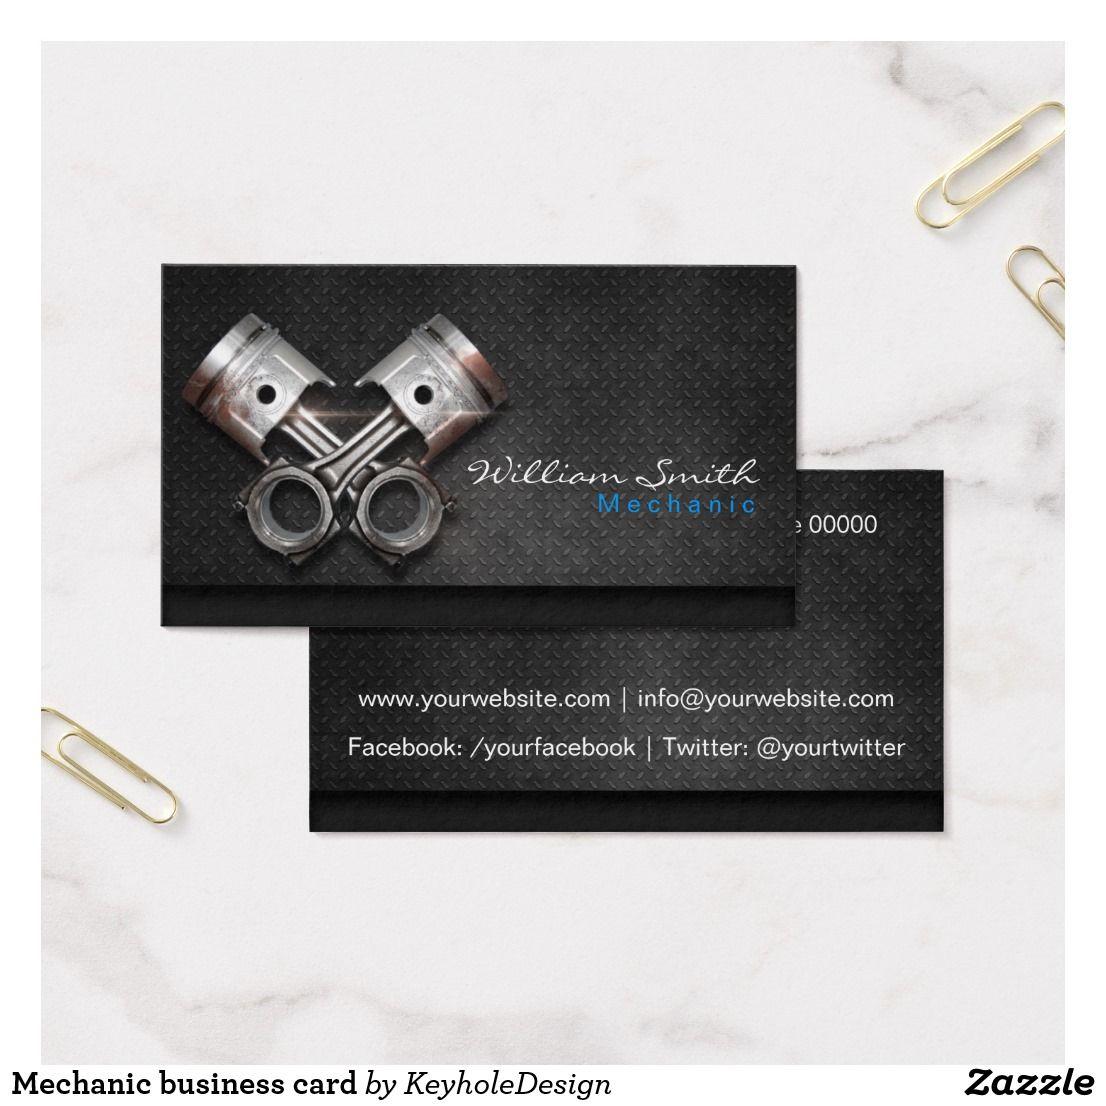 Mechanic business card | Office Supplies | Pinterest | Business cards